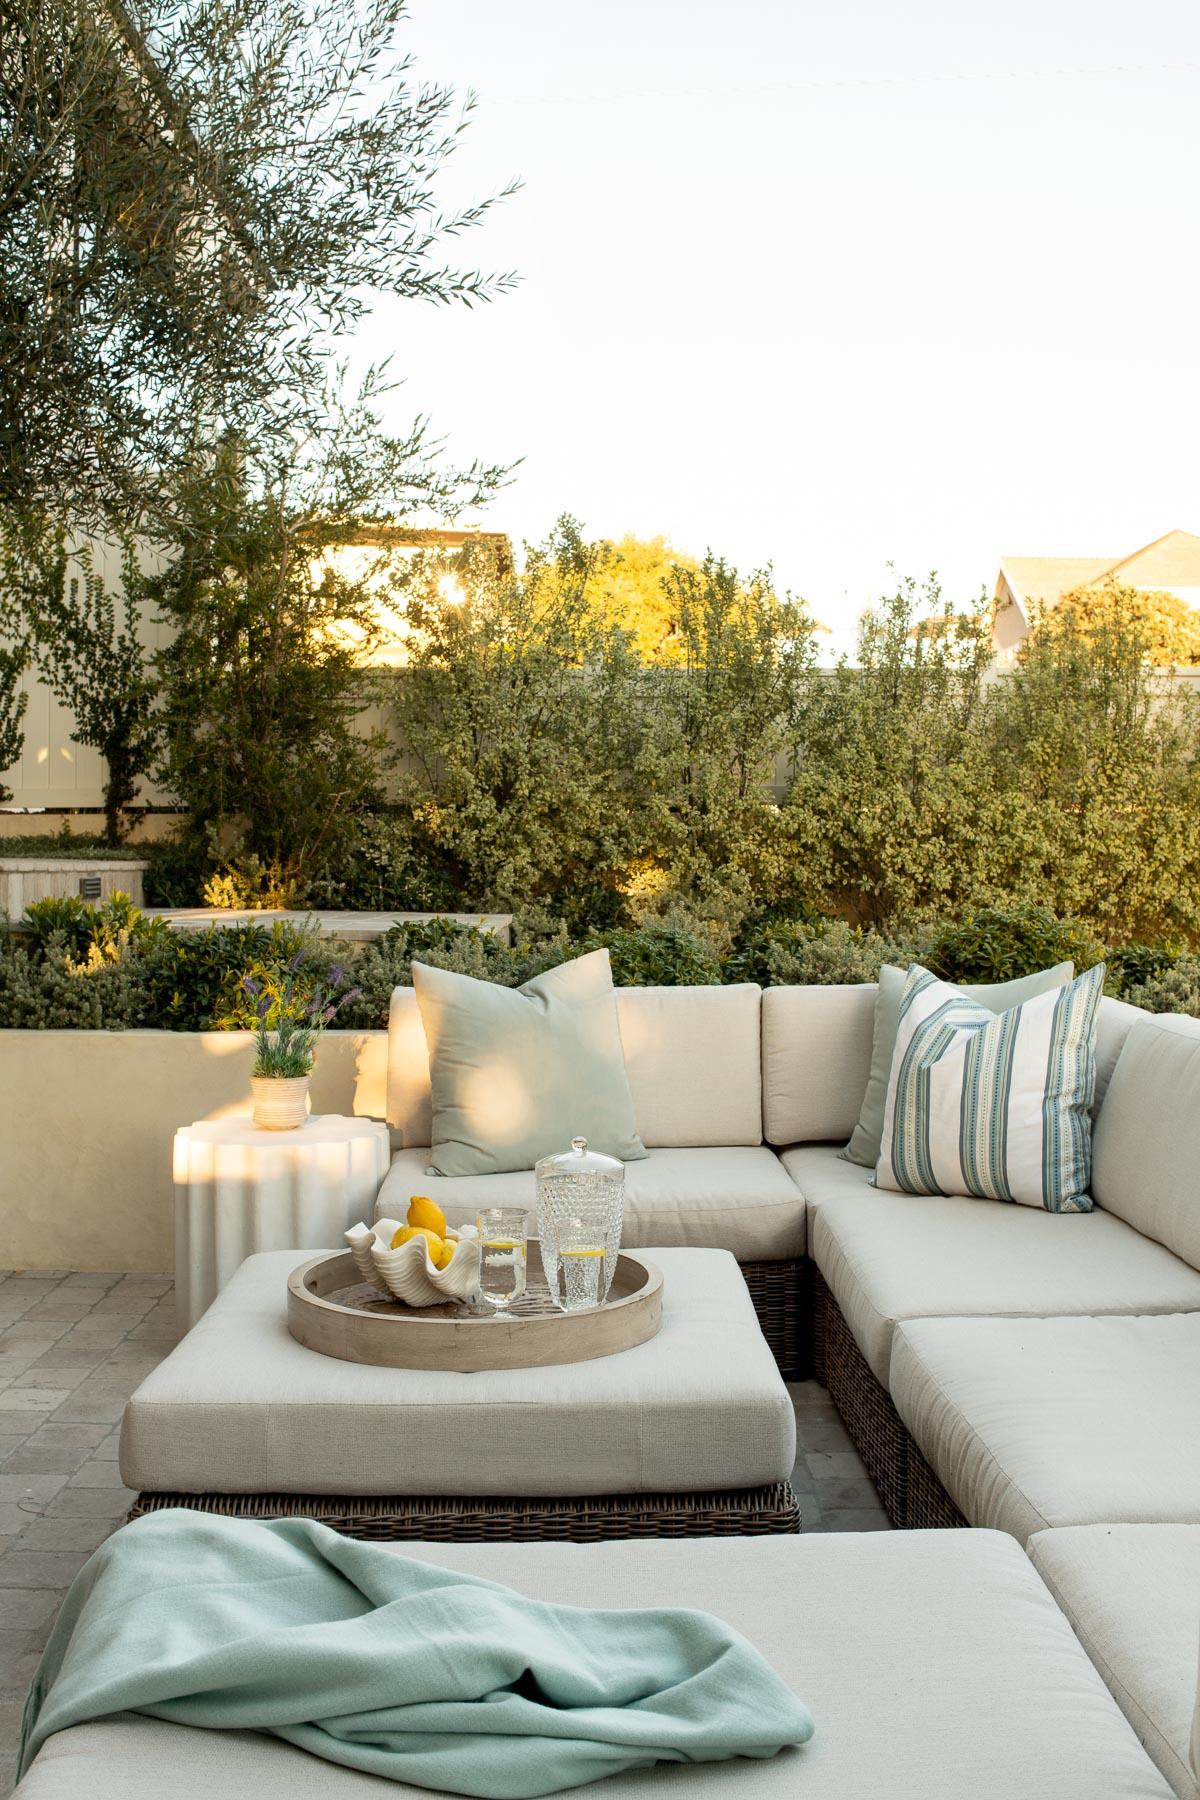 family beach house patio with sofa